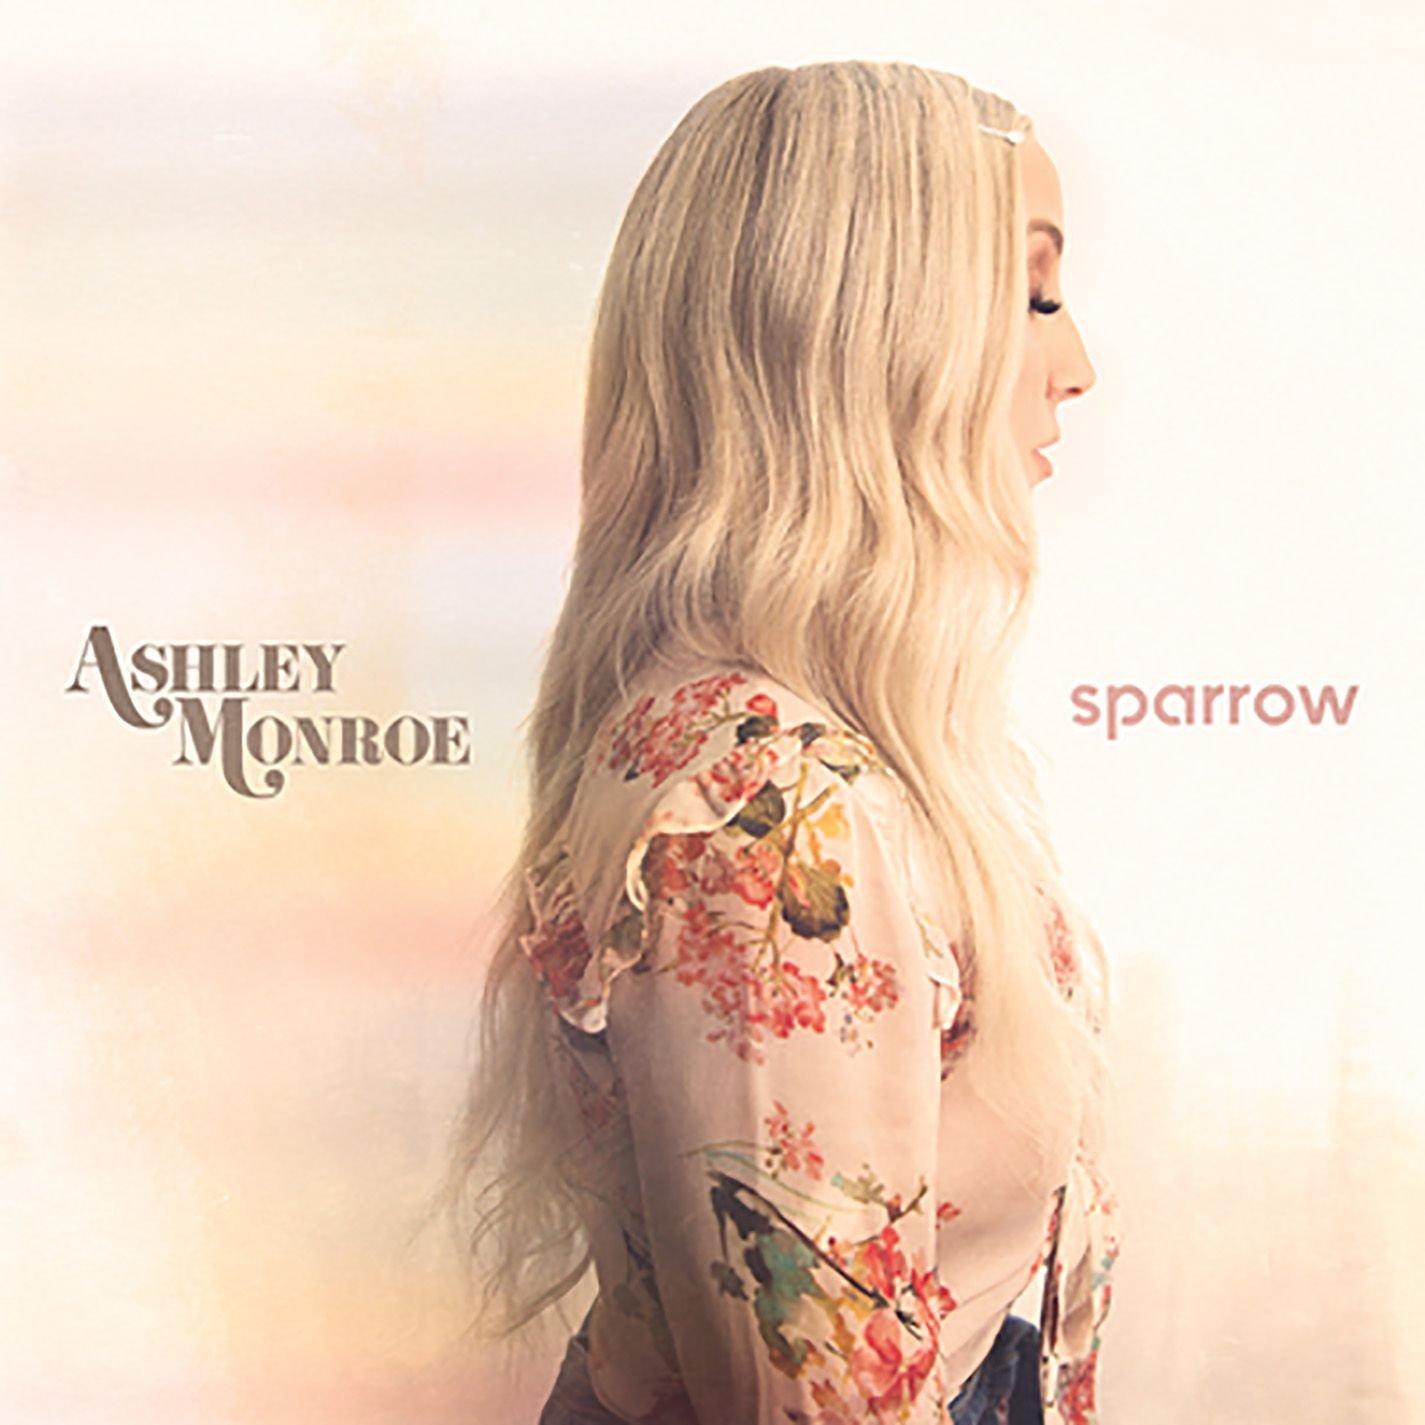 Vinilo : Ashley Monroe - Sparrow (LP Vinyl)